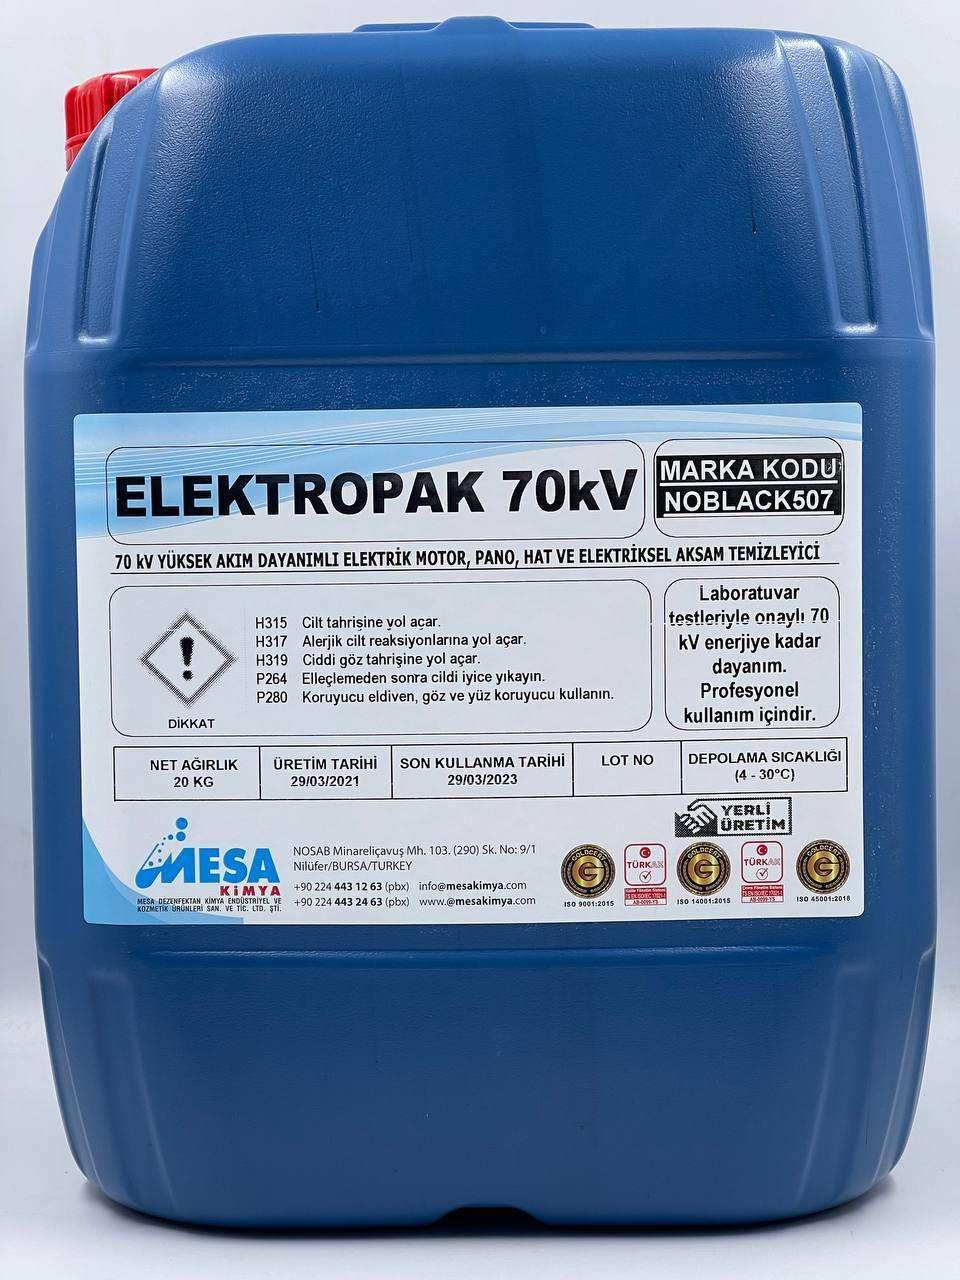 Elektrik Motor Pano Temizleyici 70000 Volt dayanımlı Elektropak70kV